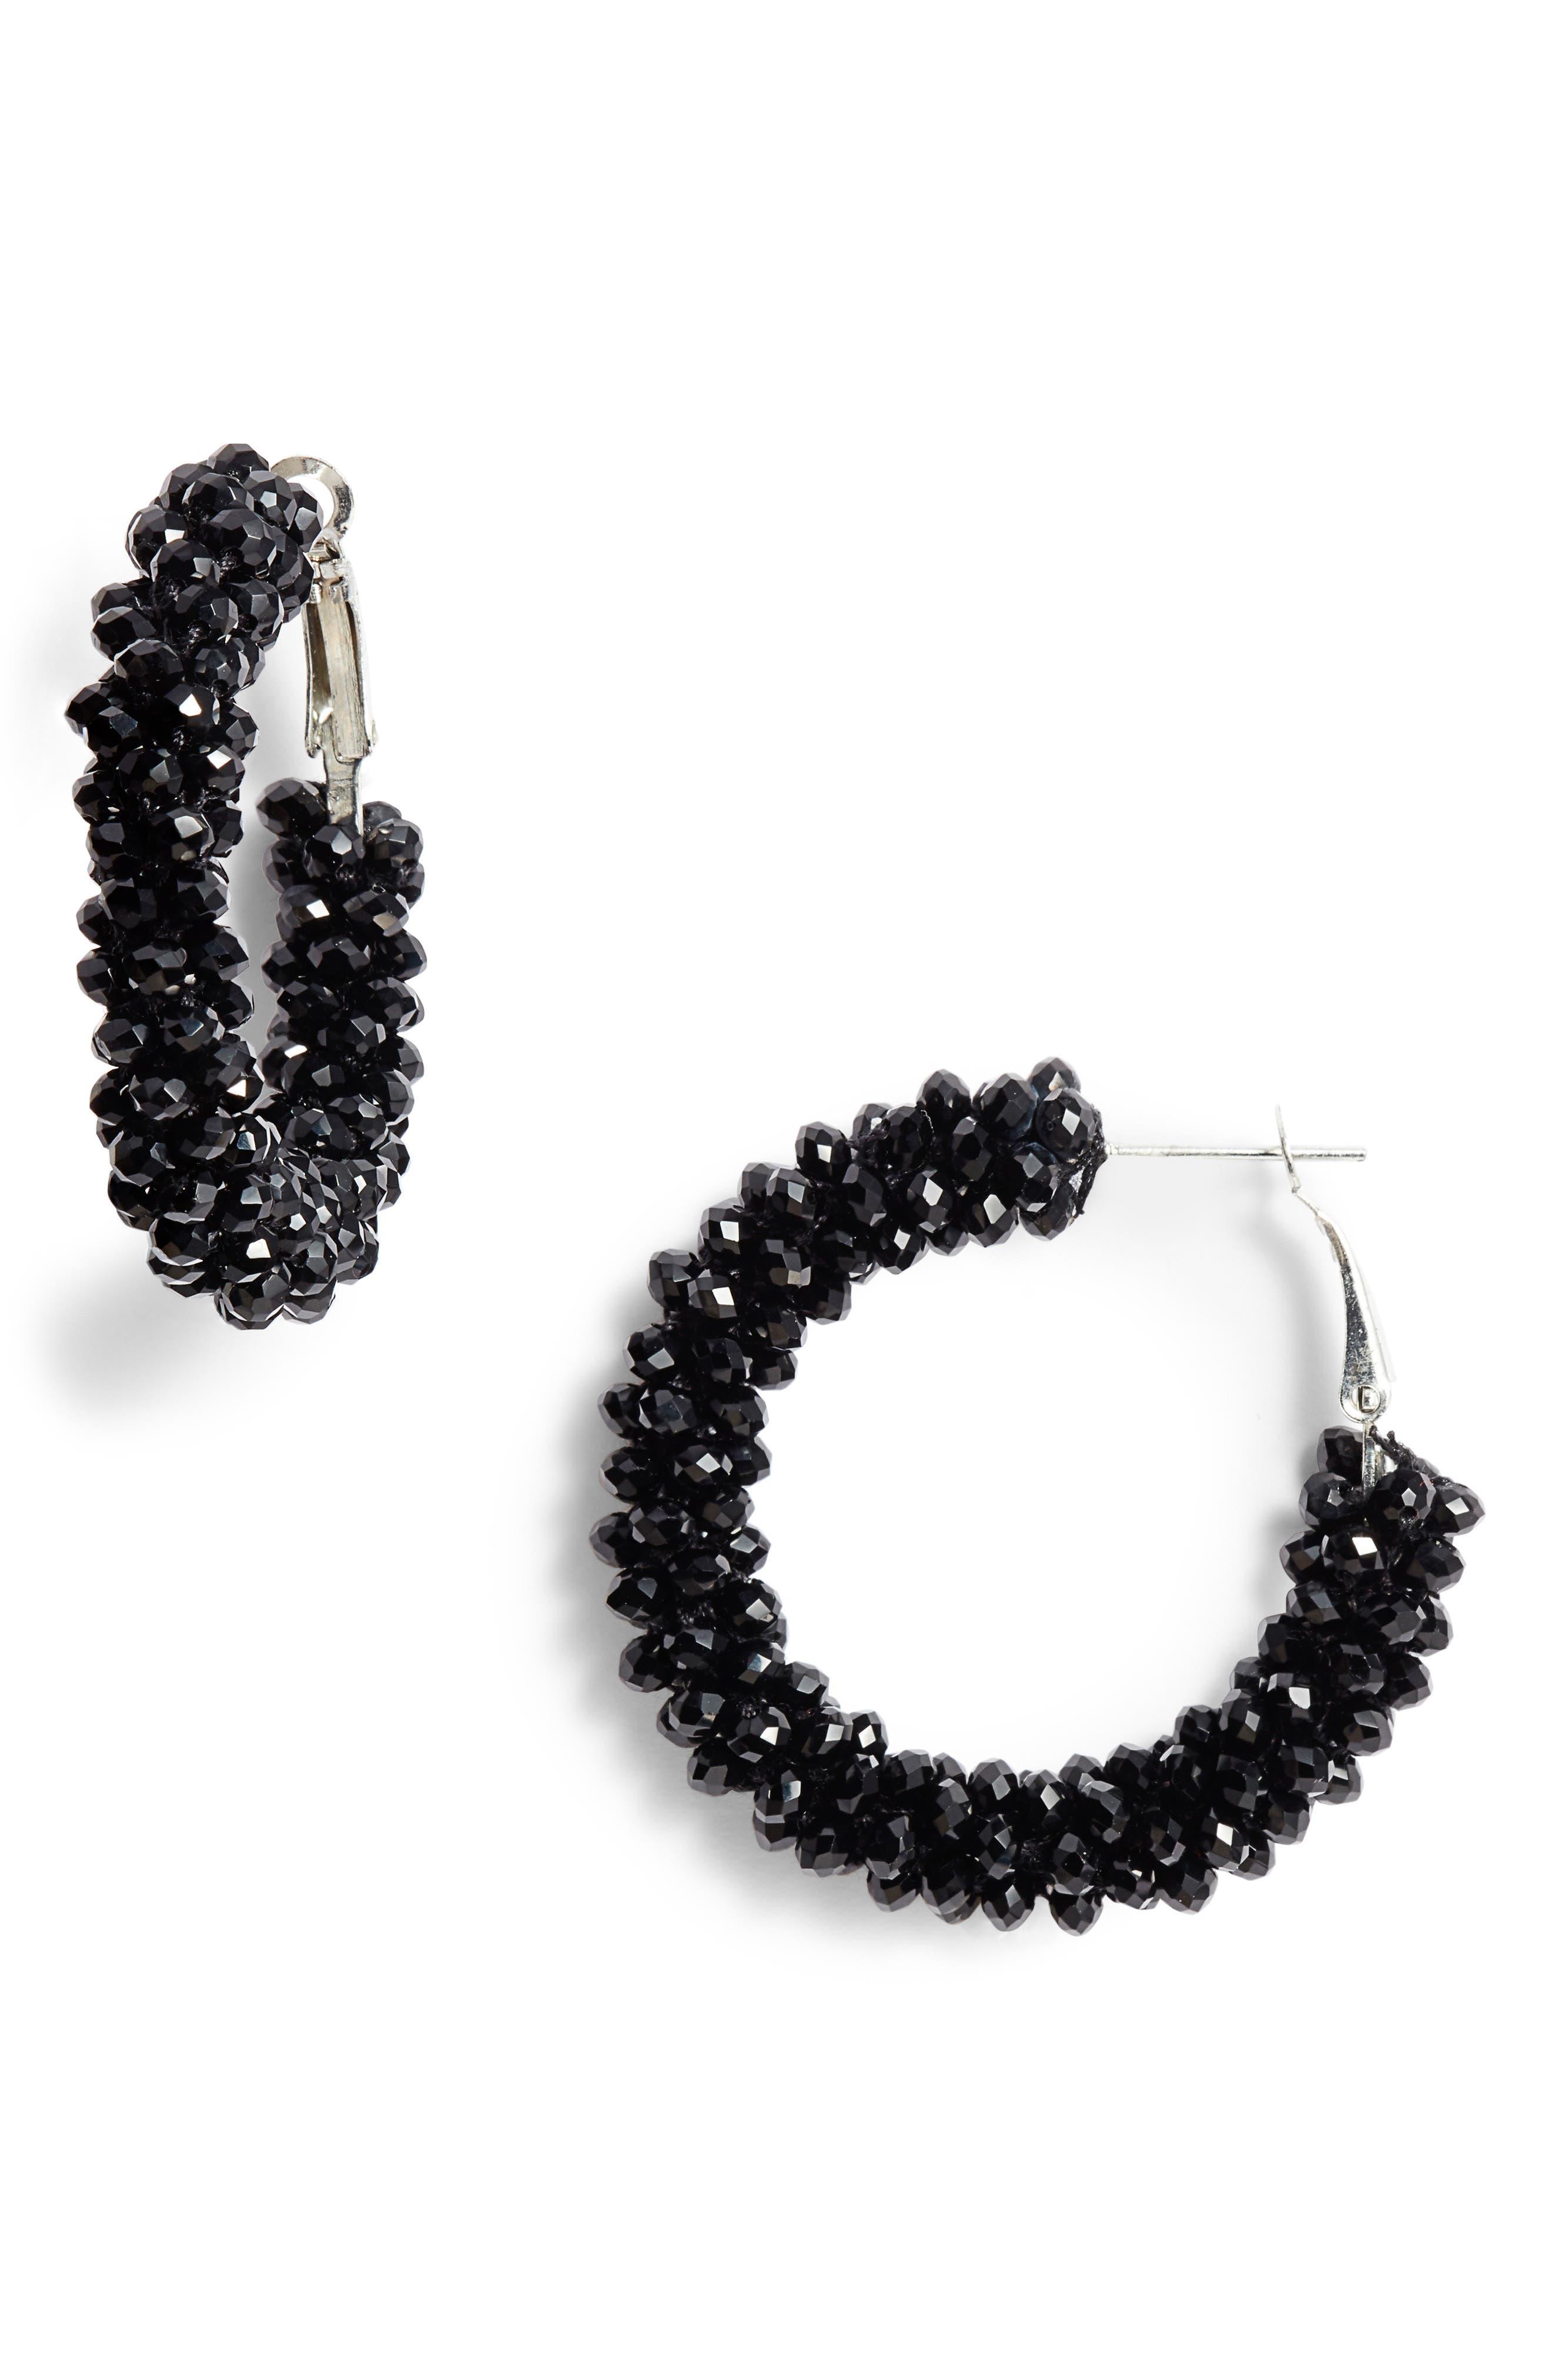 AREA STARS Beaded Hoop Earrings in Black